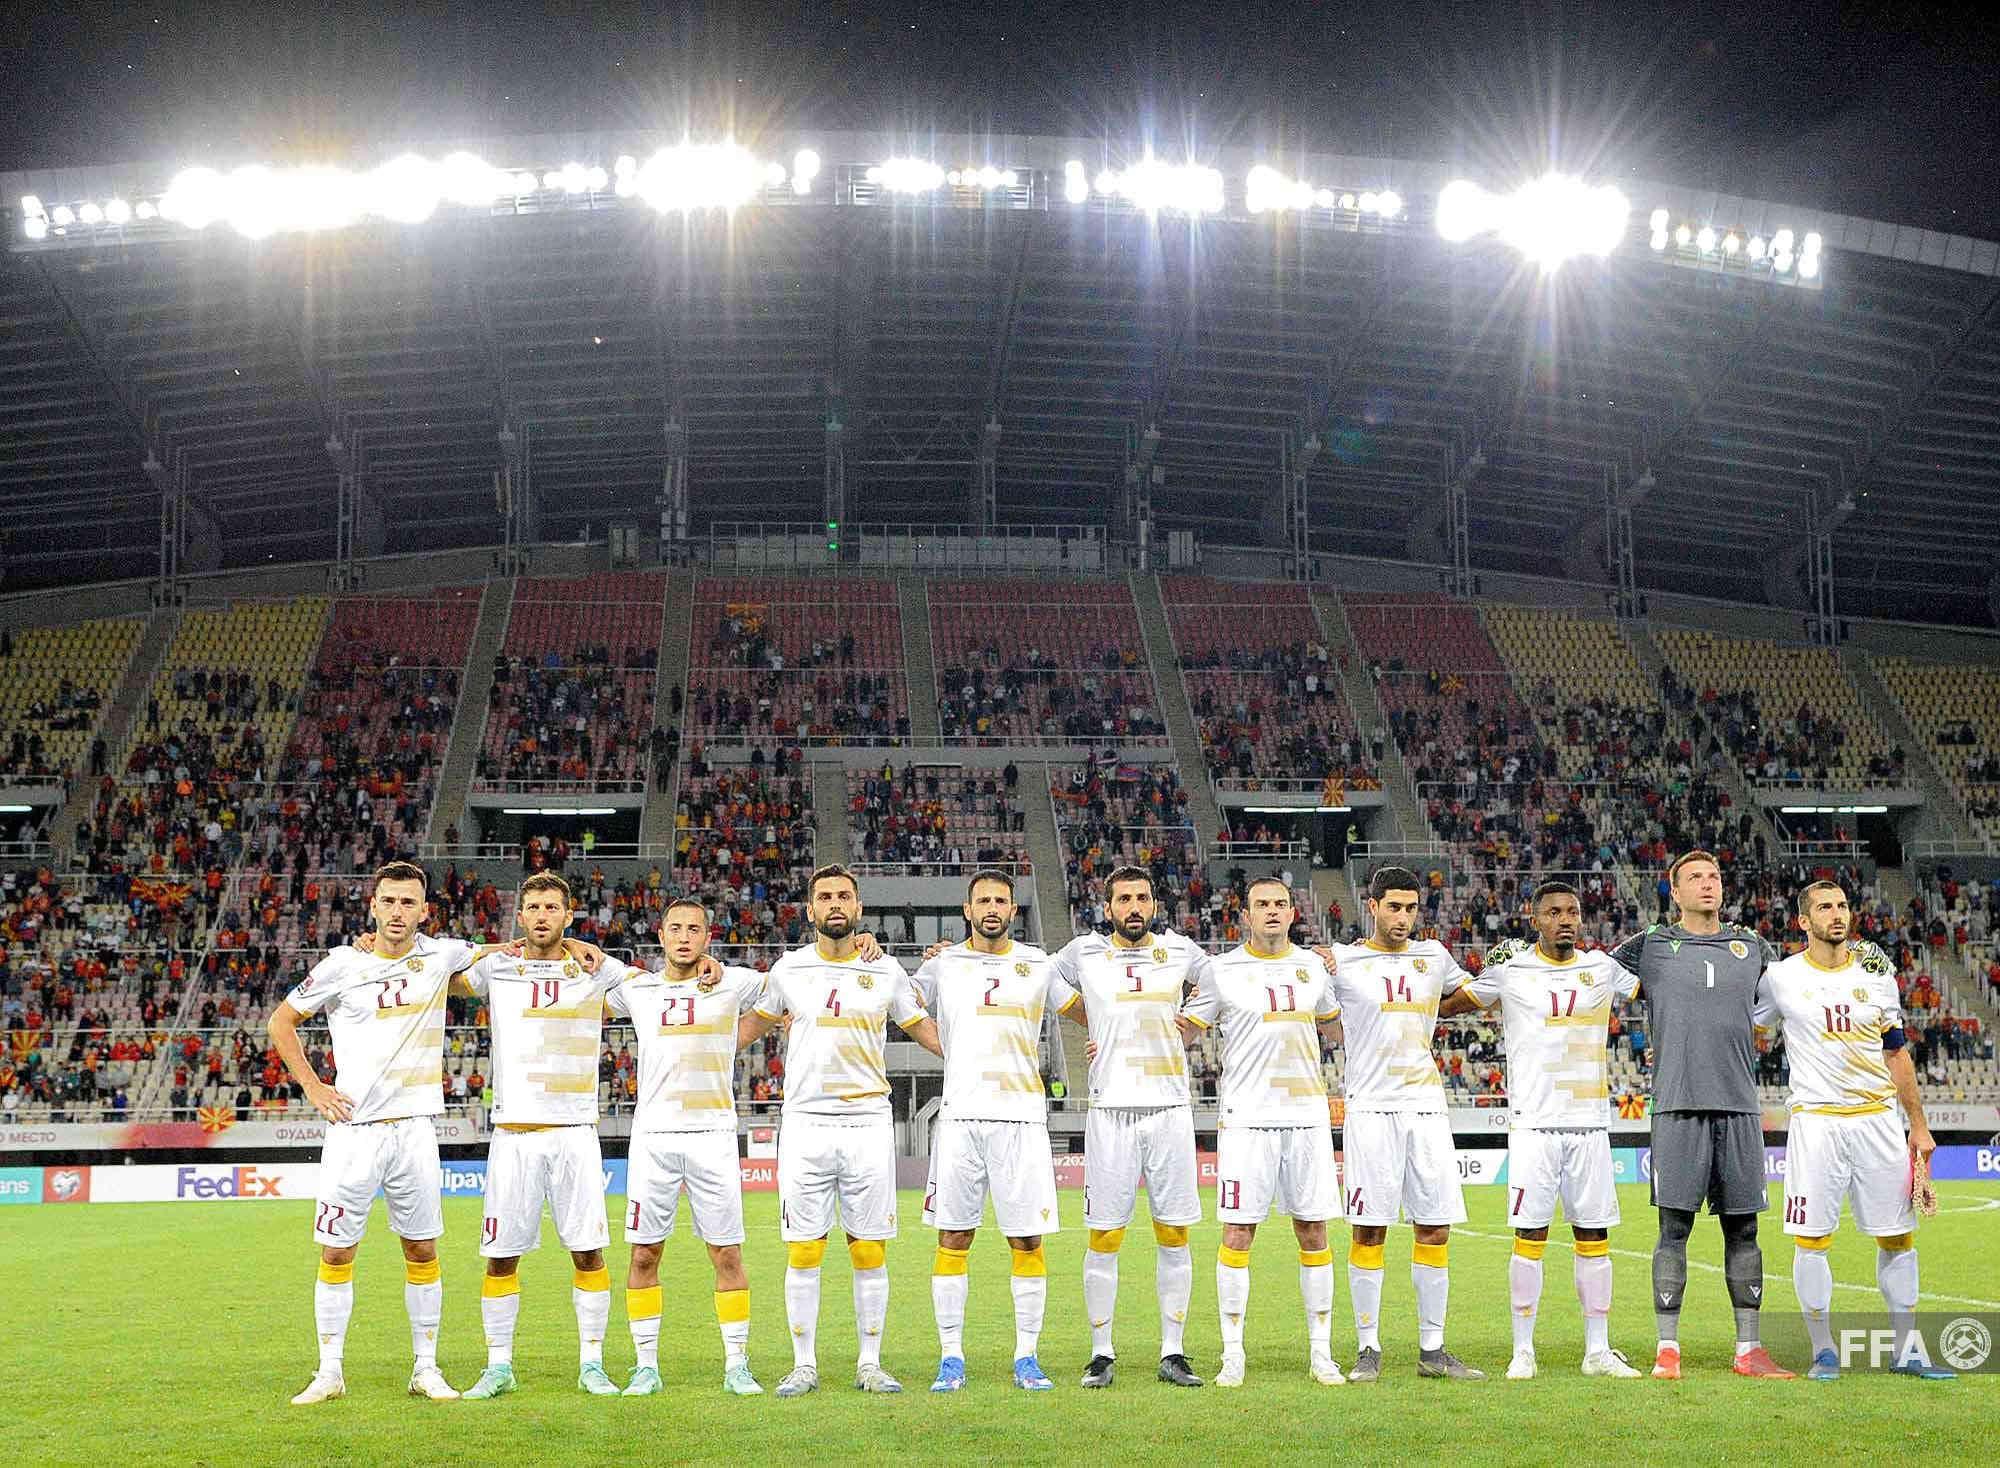 Հայաստանի հավաքական